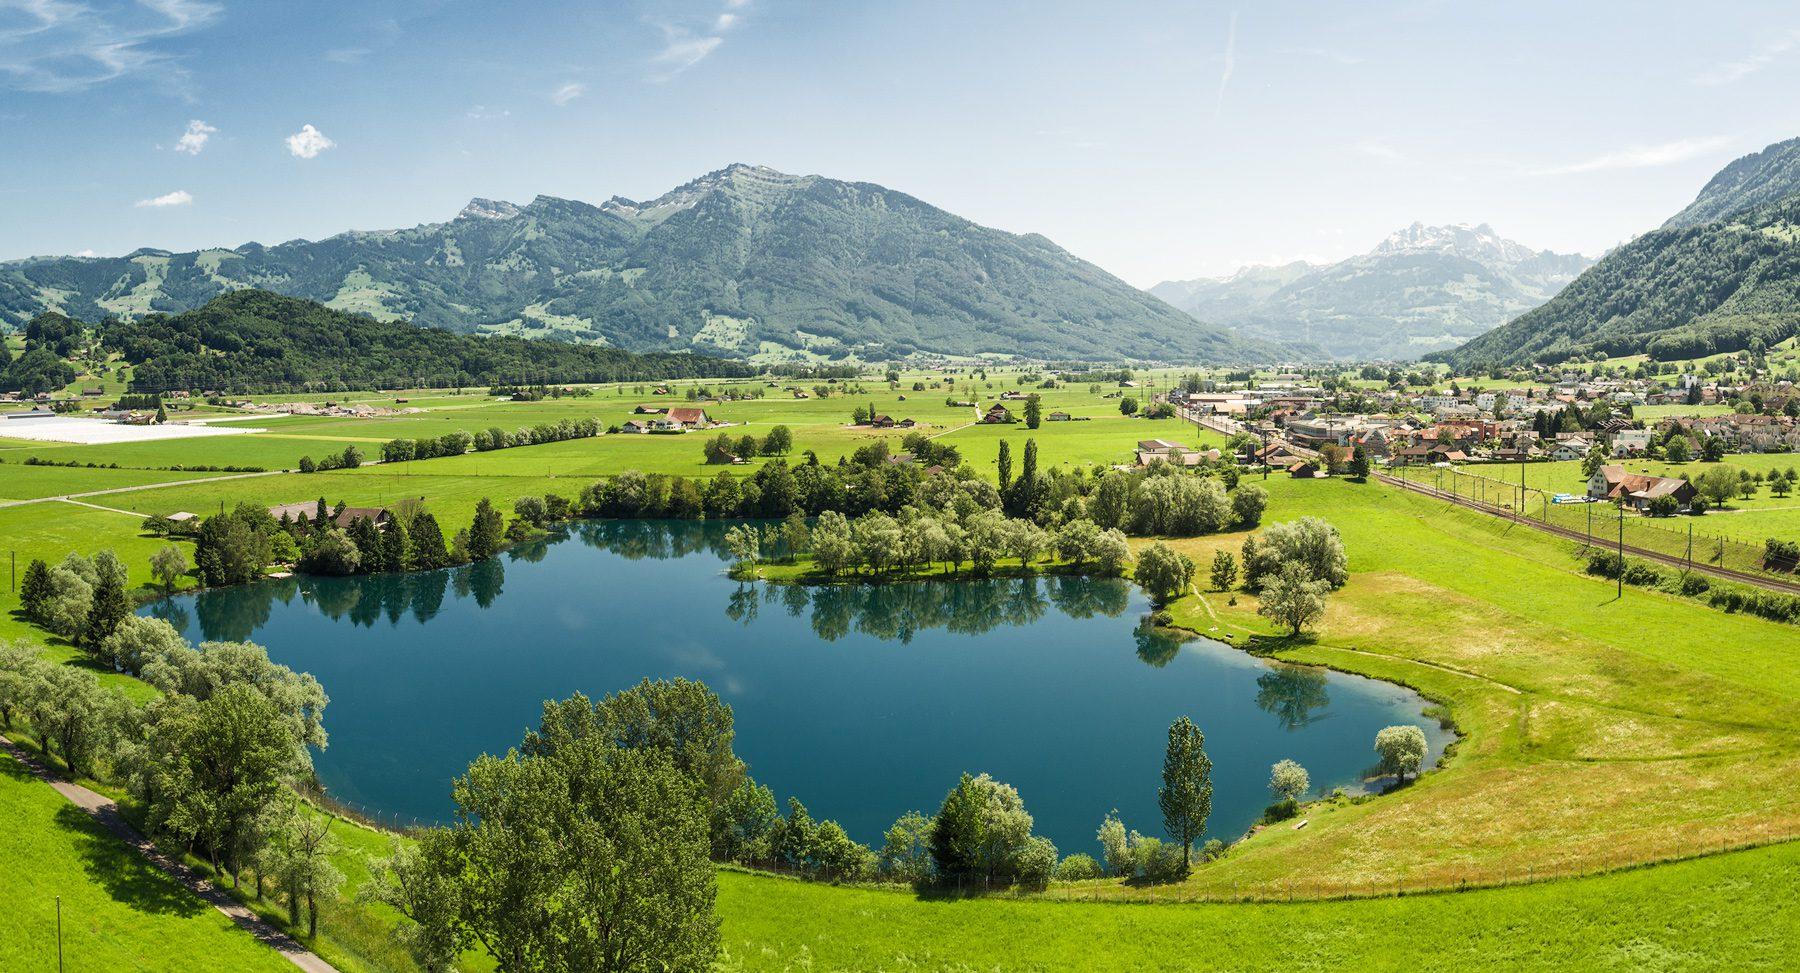 Luftaufnahme Schwyz, Lachen, Reichenburg, Hirschlensee mit Blick ins Glarnerland und auf den Federispitz, Chüemettler, Speer